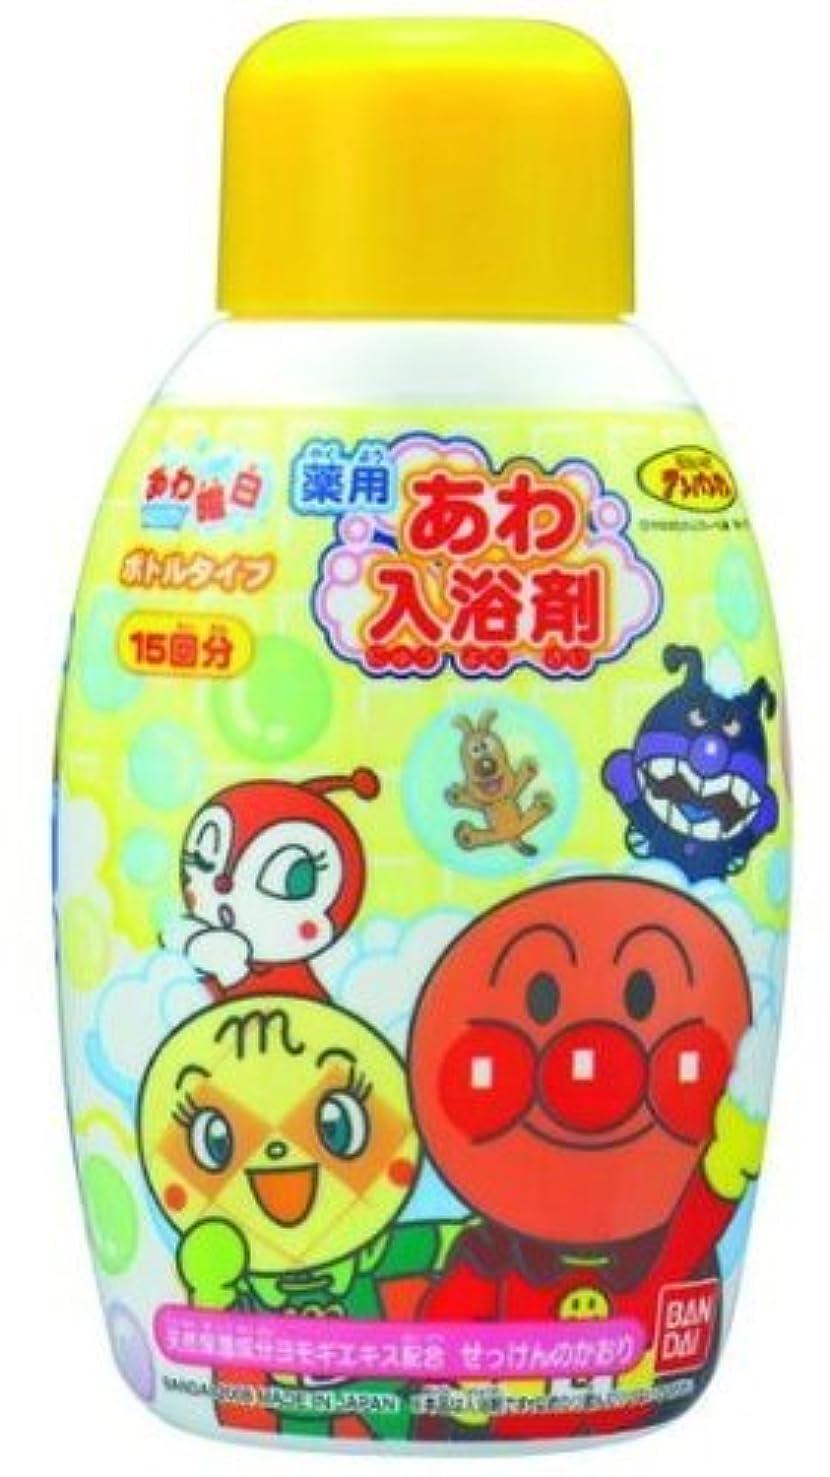 イノセンスきゅうりケーブルカーあわ入浴剤ボトルタイプ アンパンマン × 24個